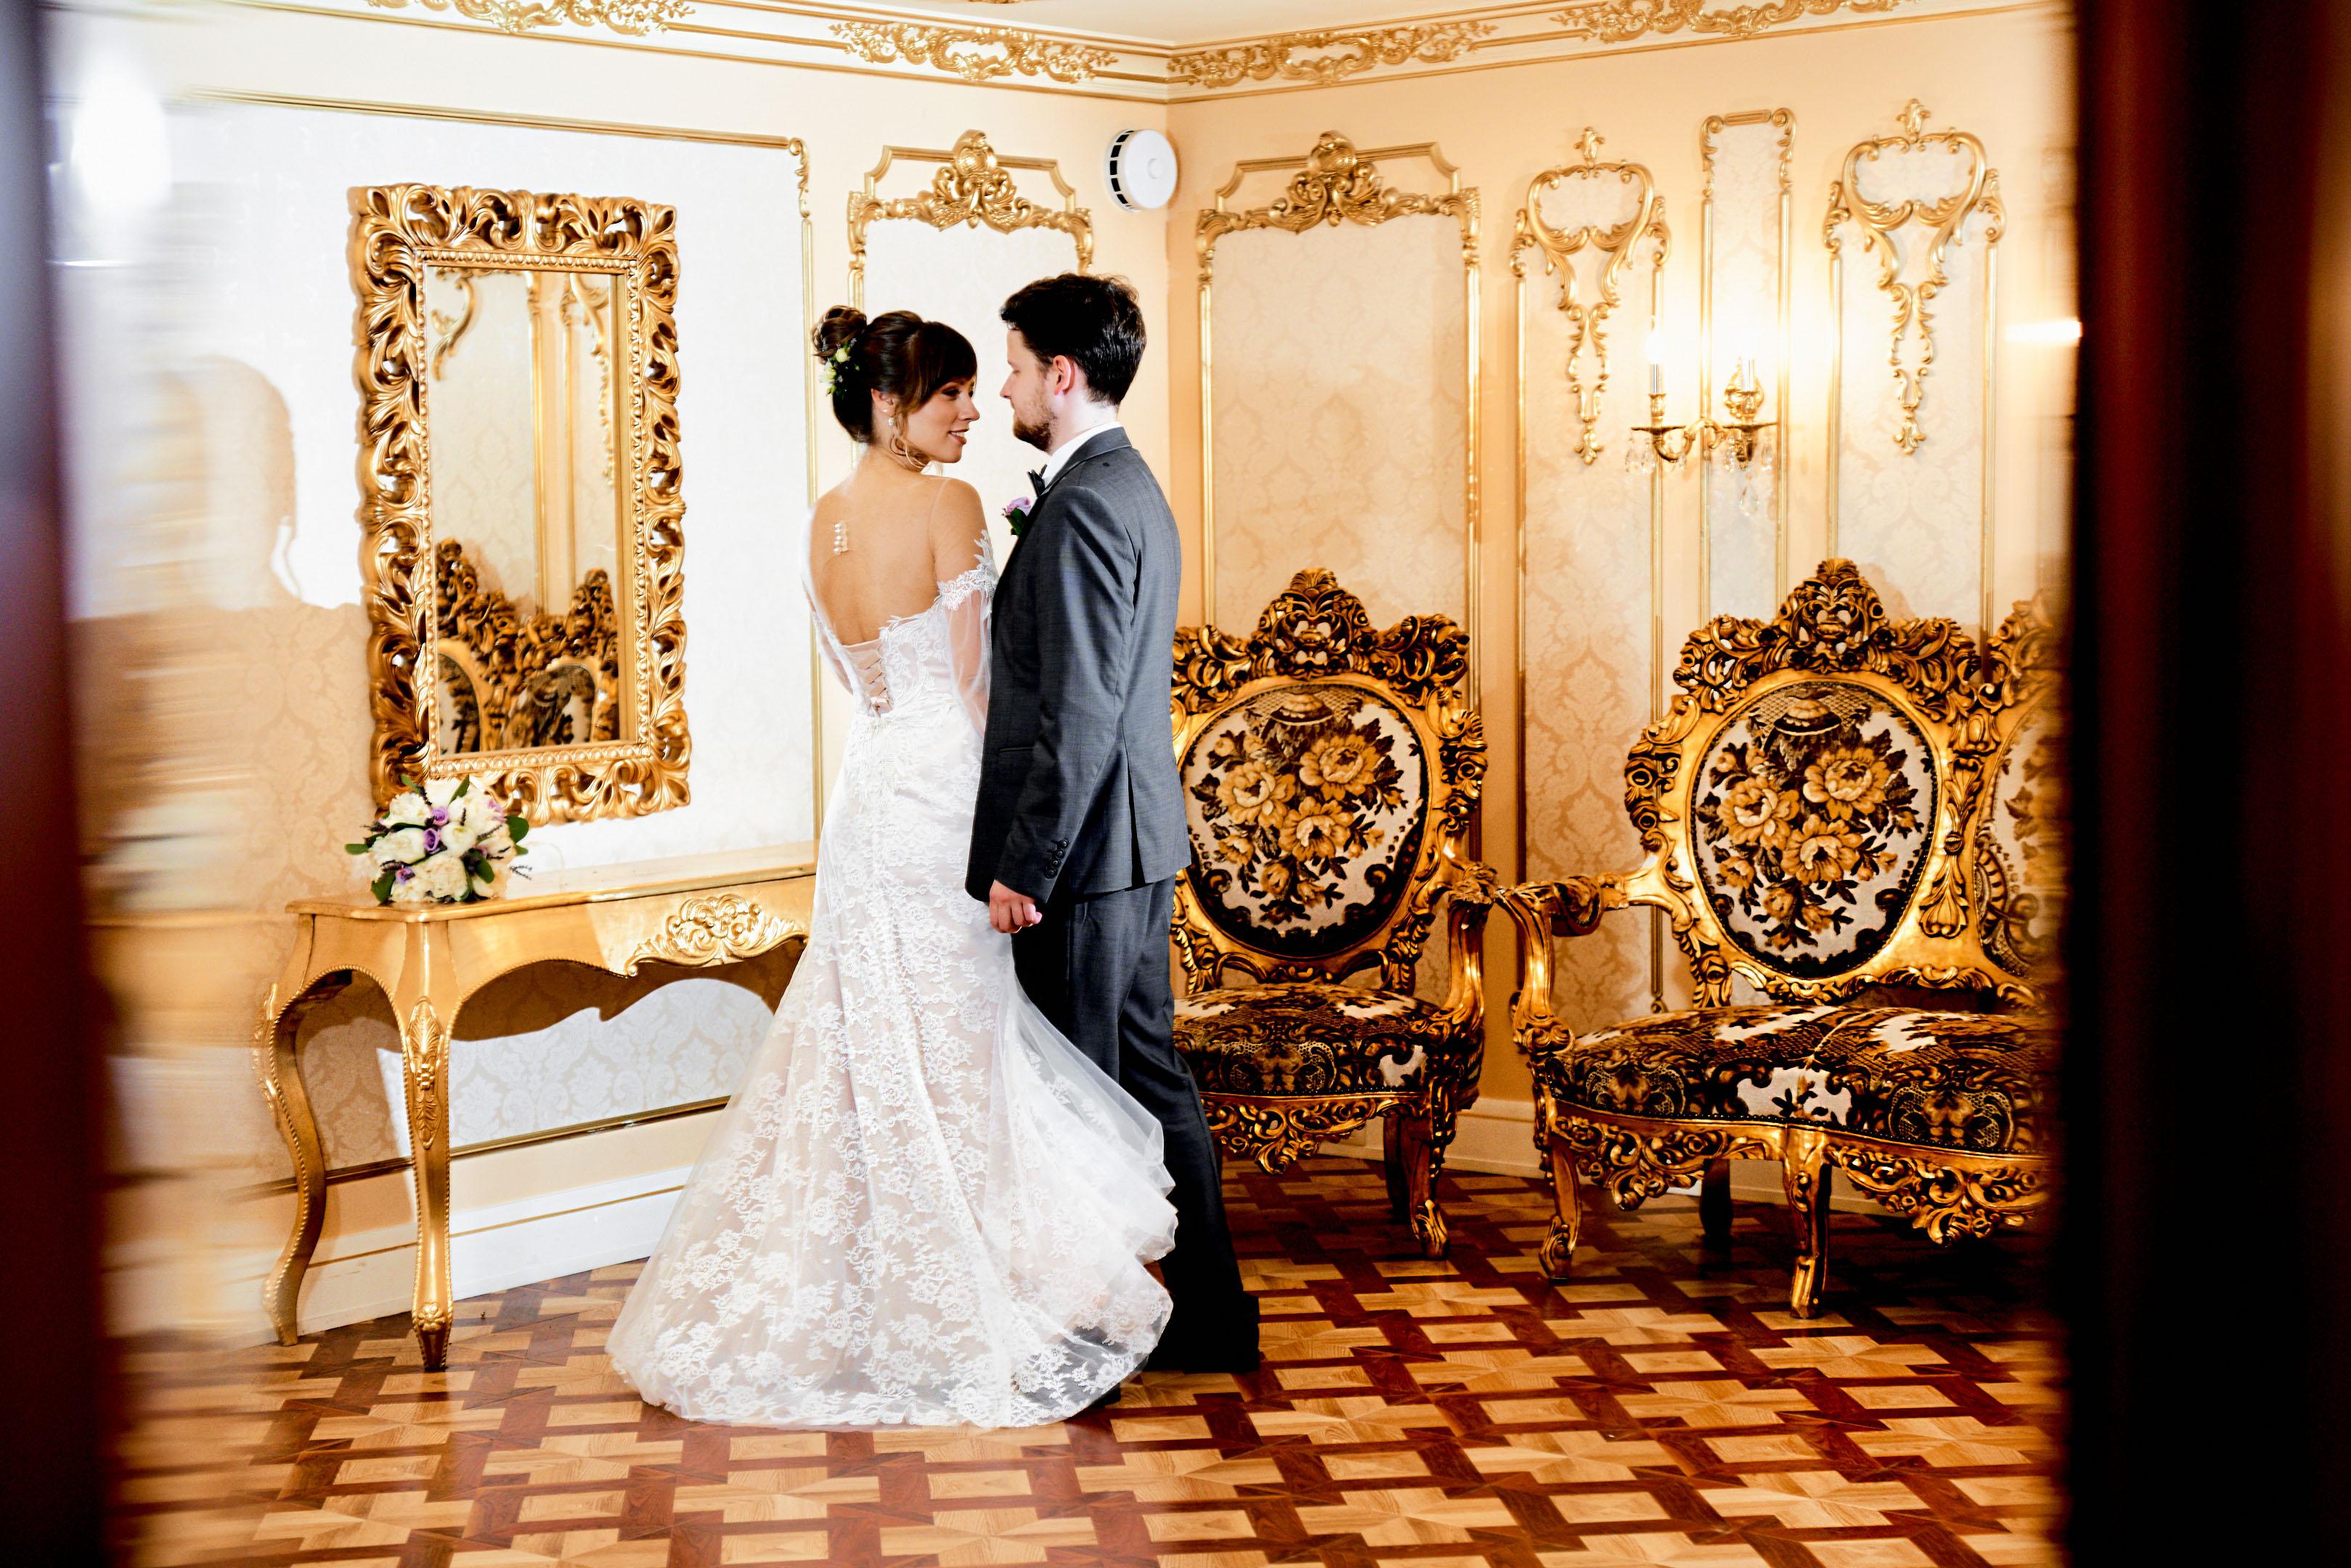 Свадебная фотосессия в фотостудии, фотосессия в дождь